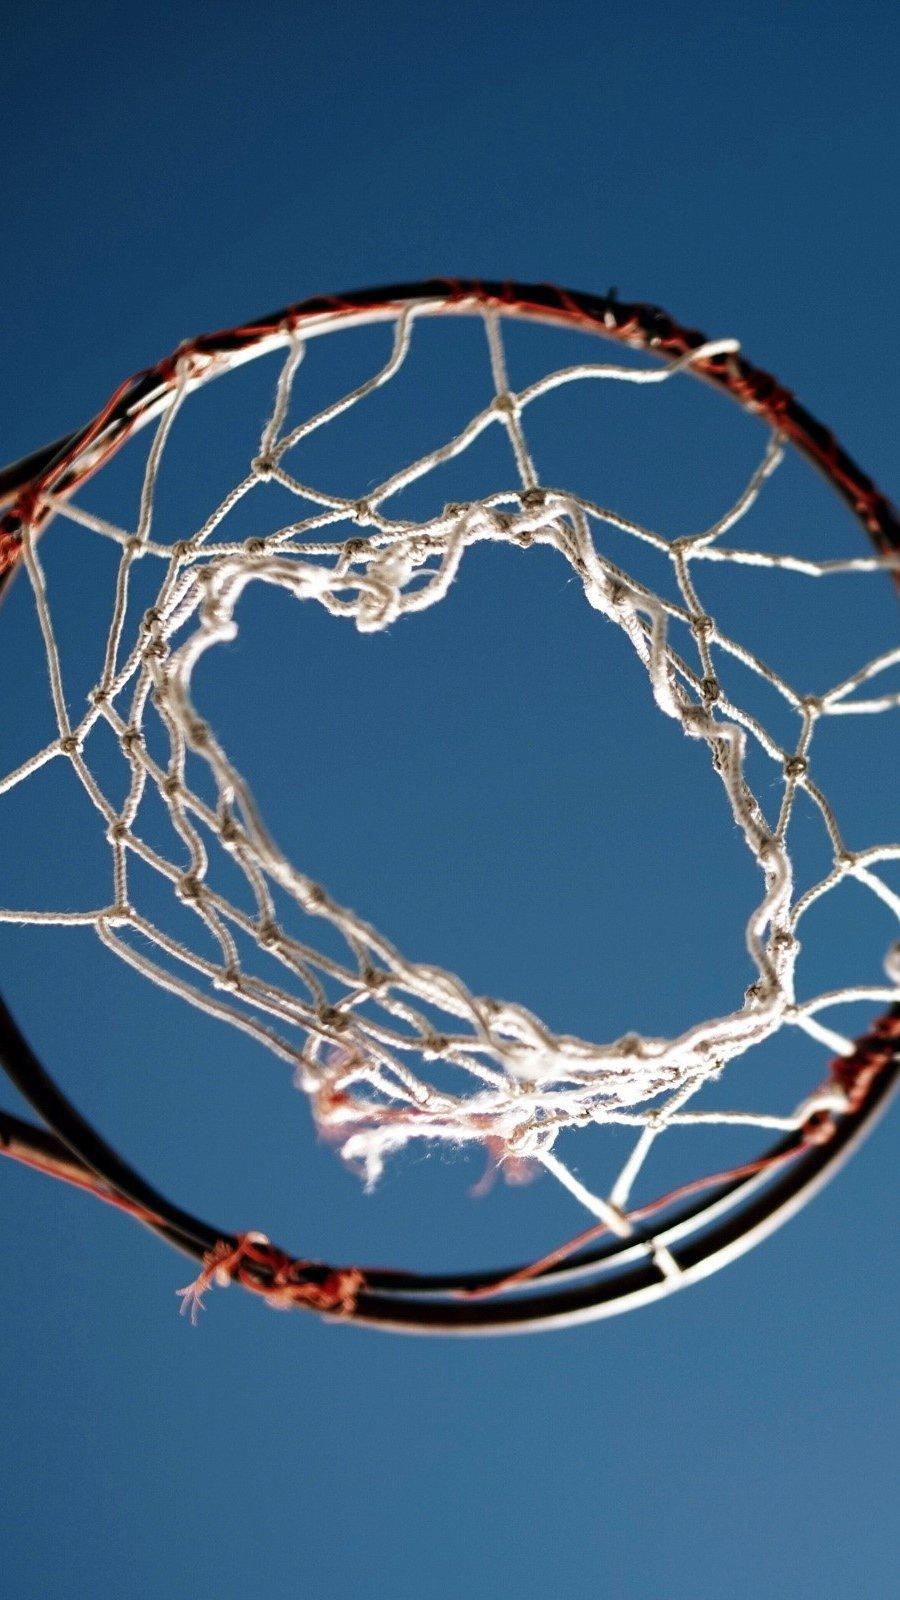 Wallpaper Basketball Basket Vertical